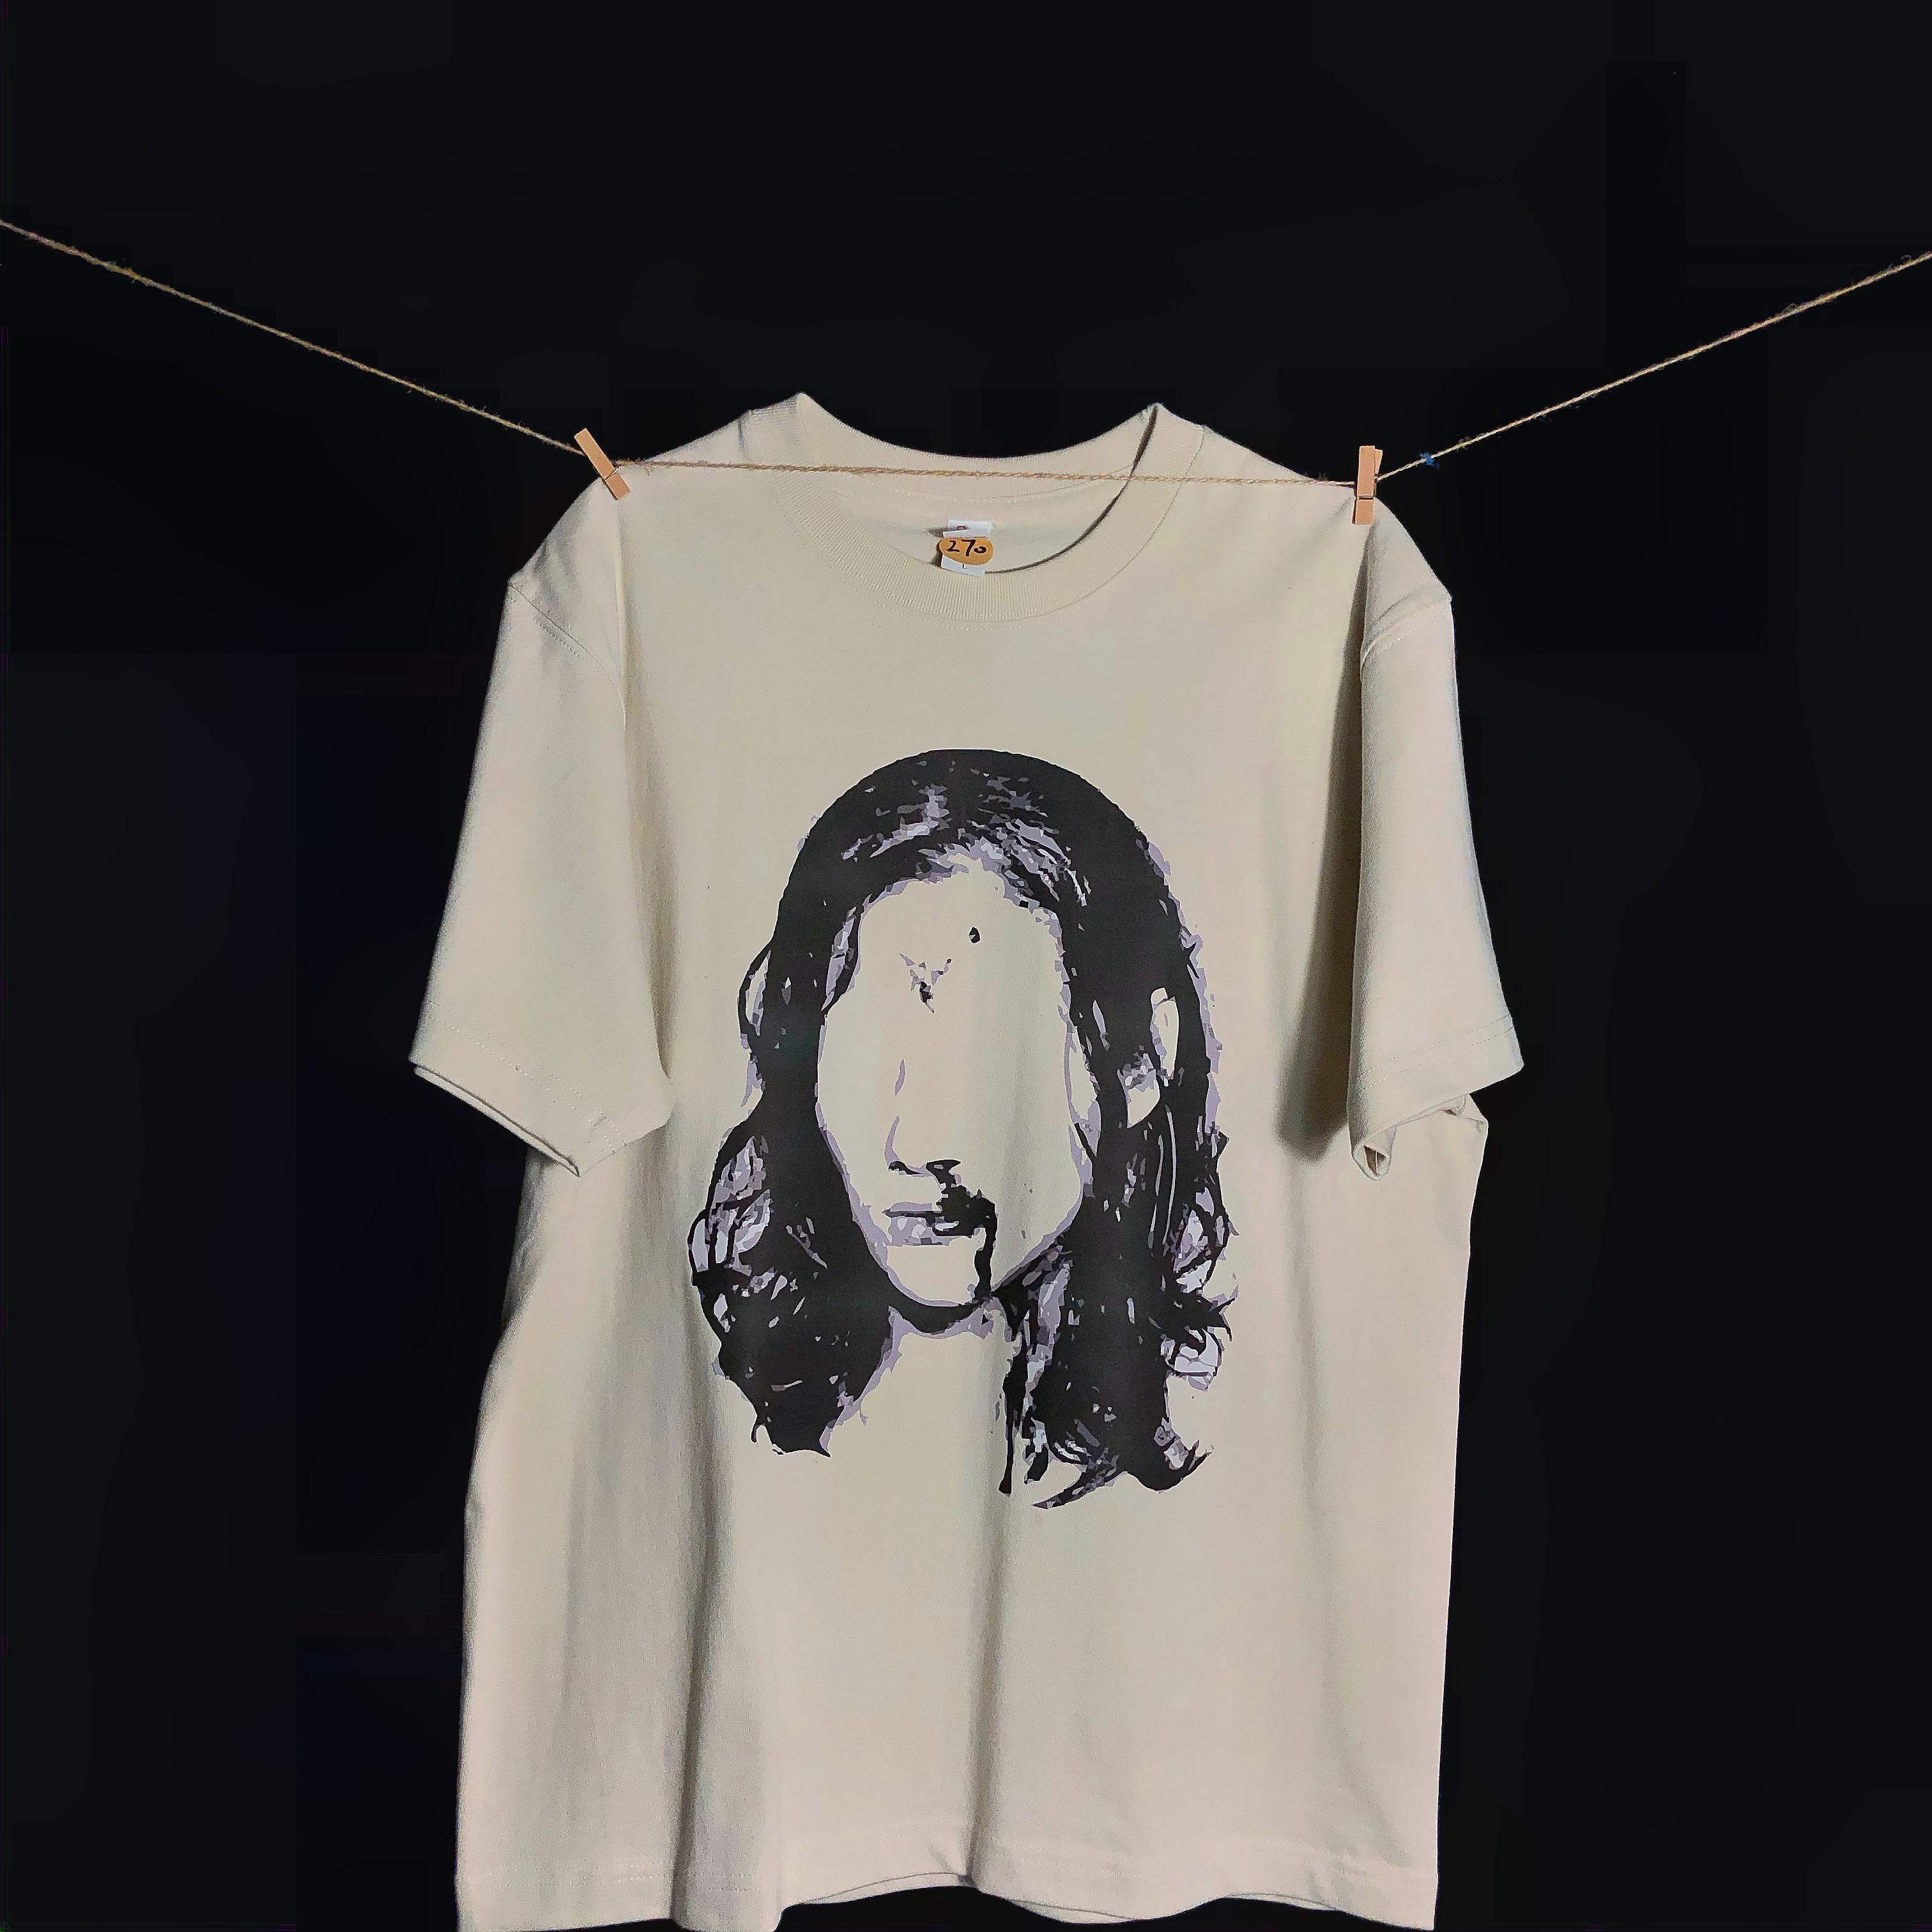 Vintage短袖Vibe重磅棉小众奶黄色流鼻血T恤宽松Archive做旧美式